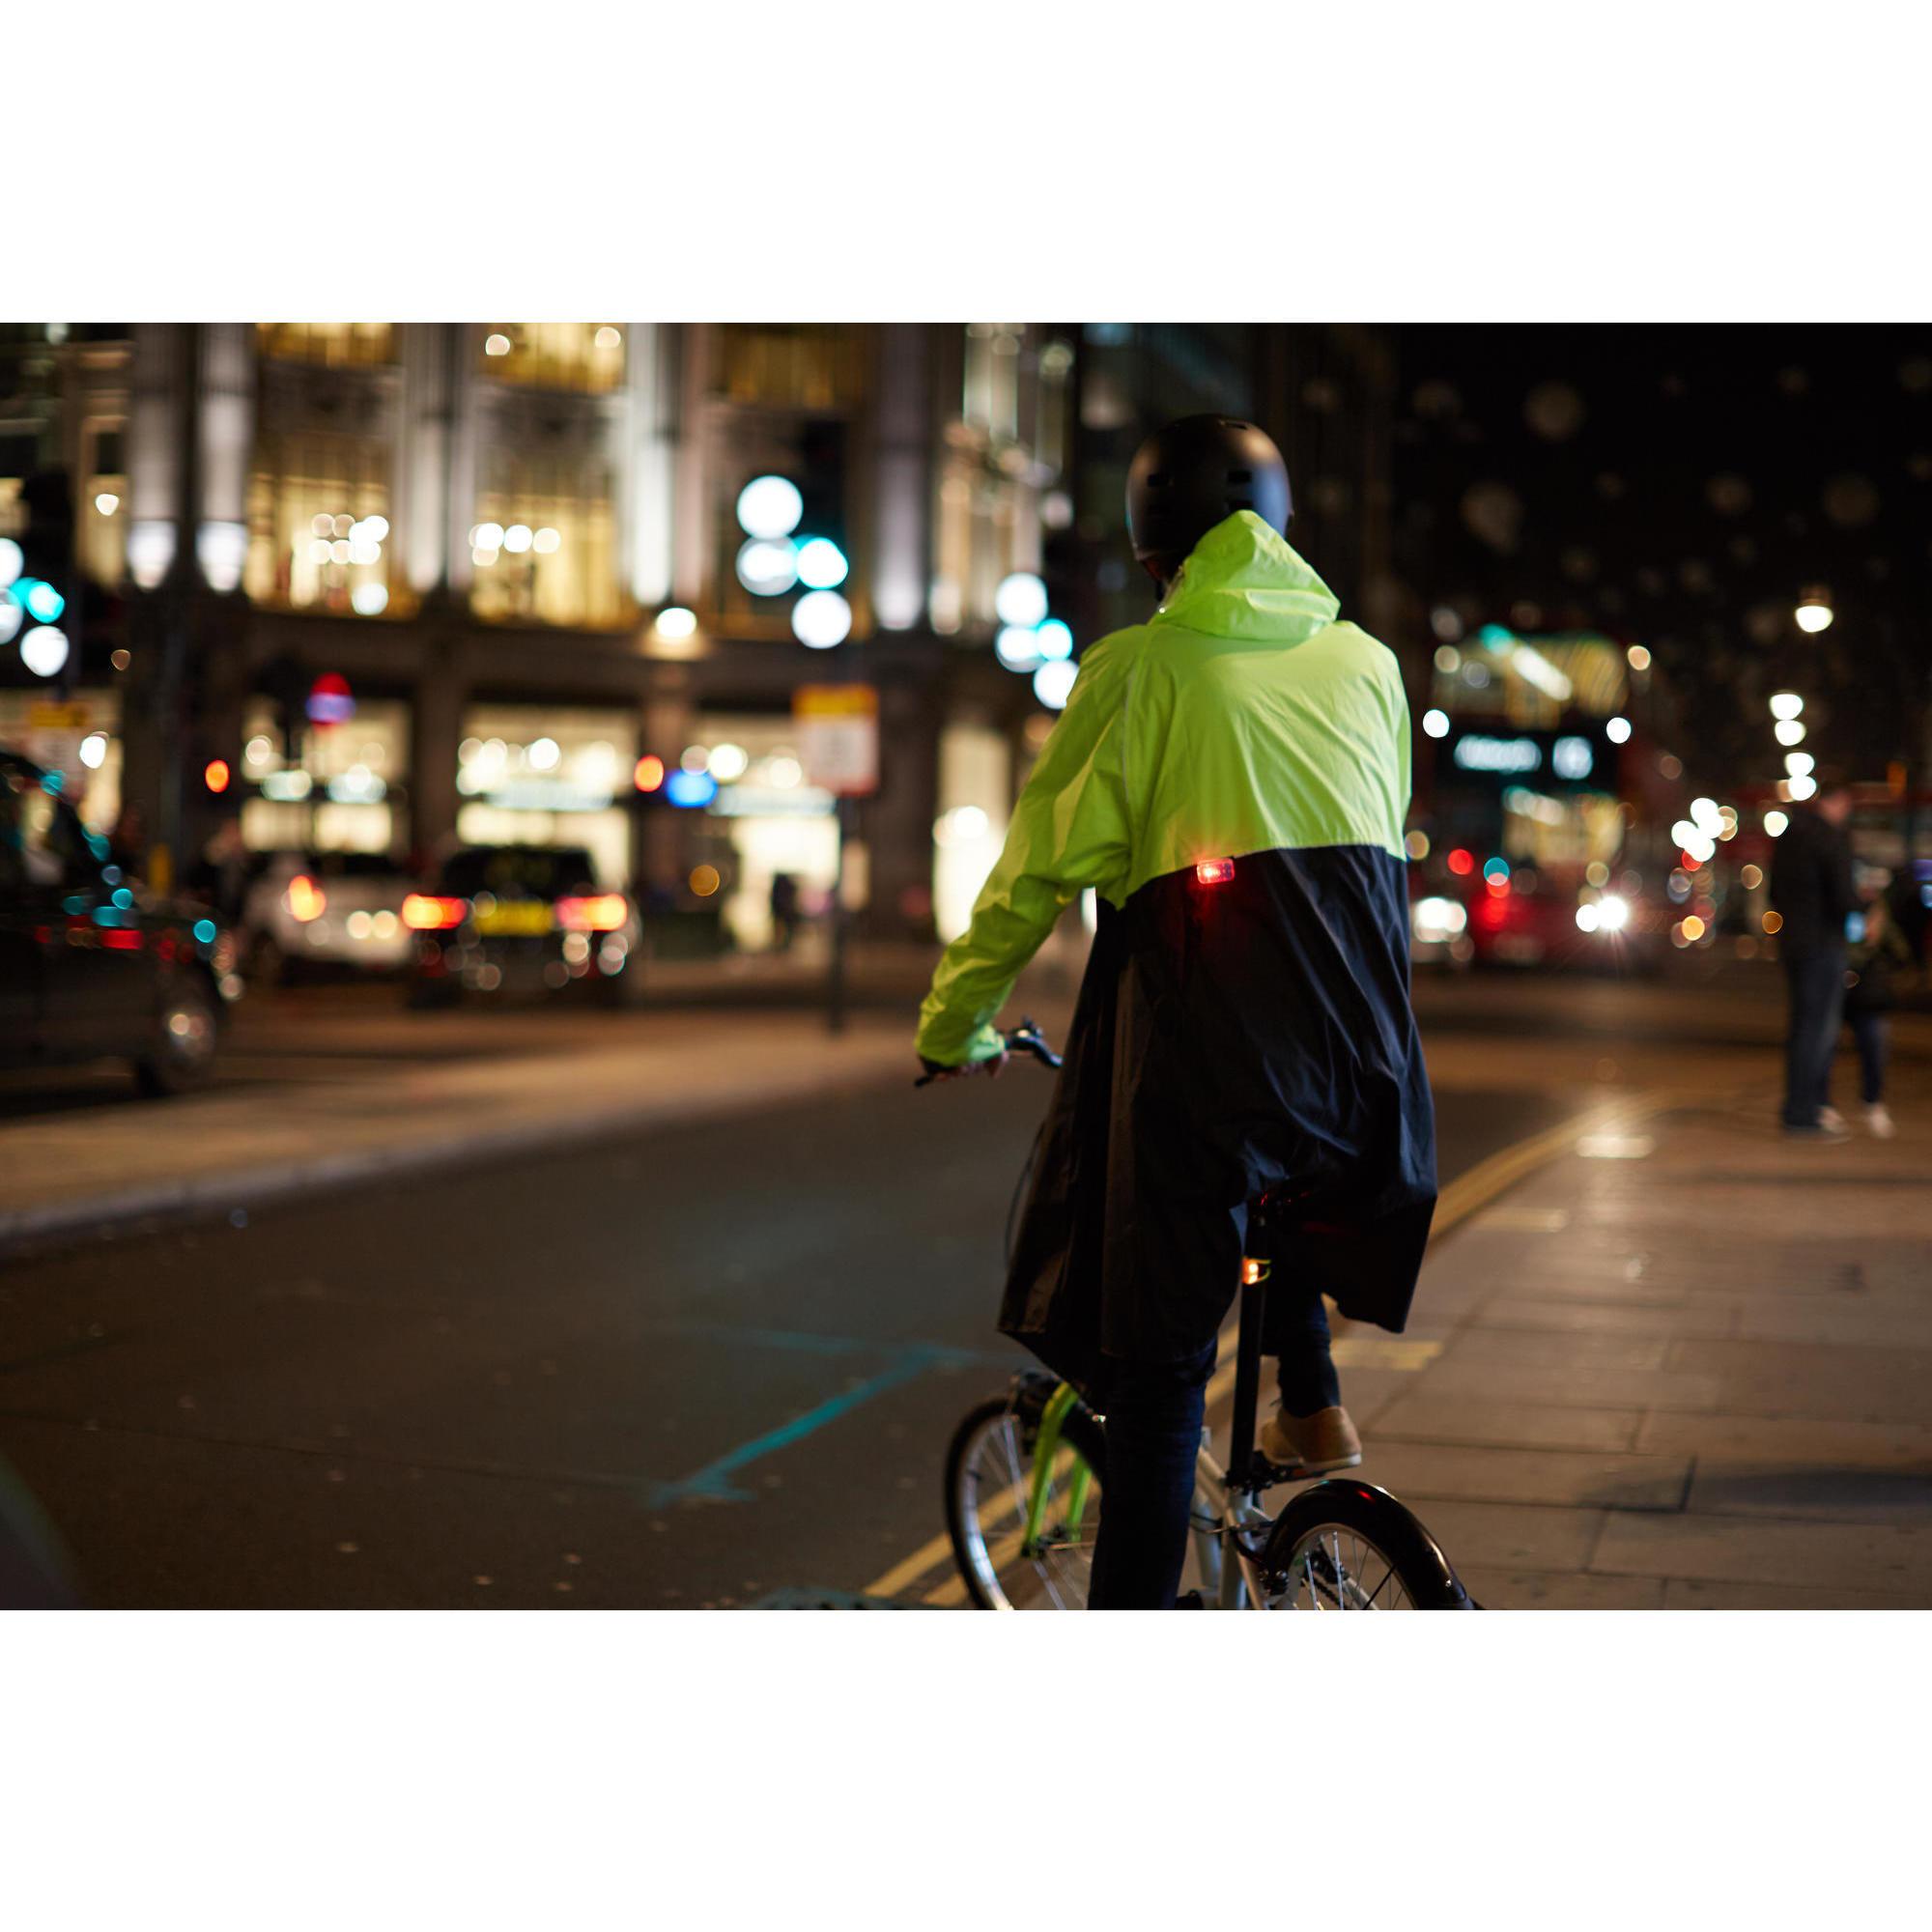 Jaune Bike Location vélo Outdoor Vêtement pluie Manteau imperméable